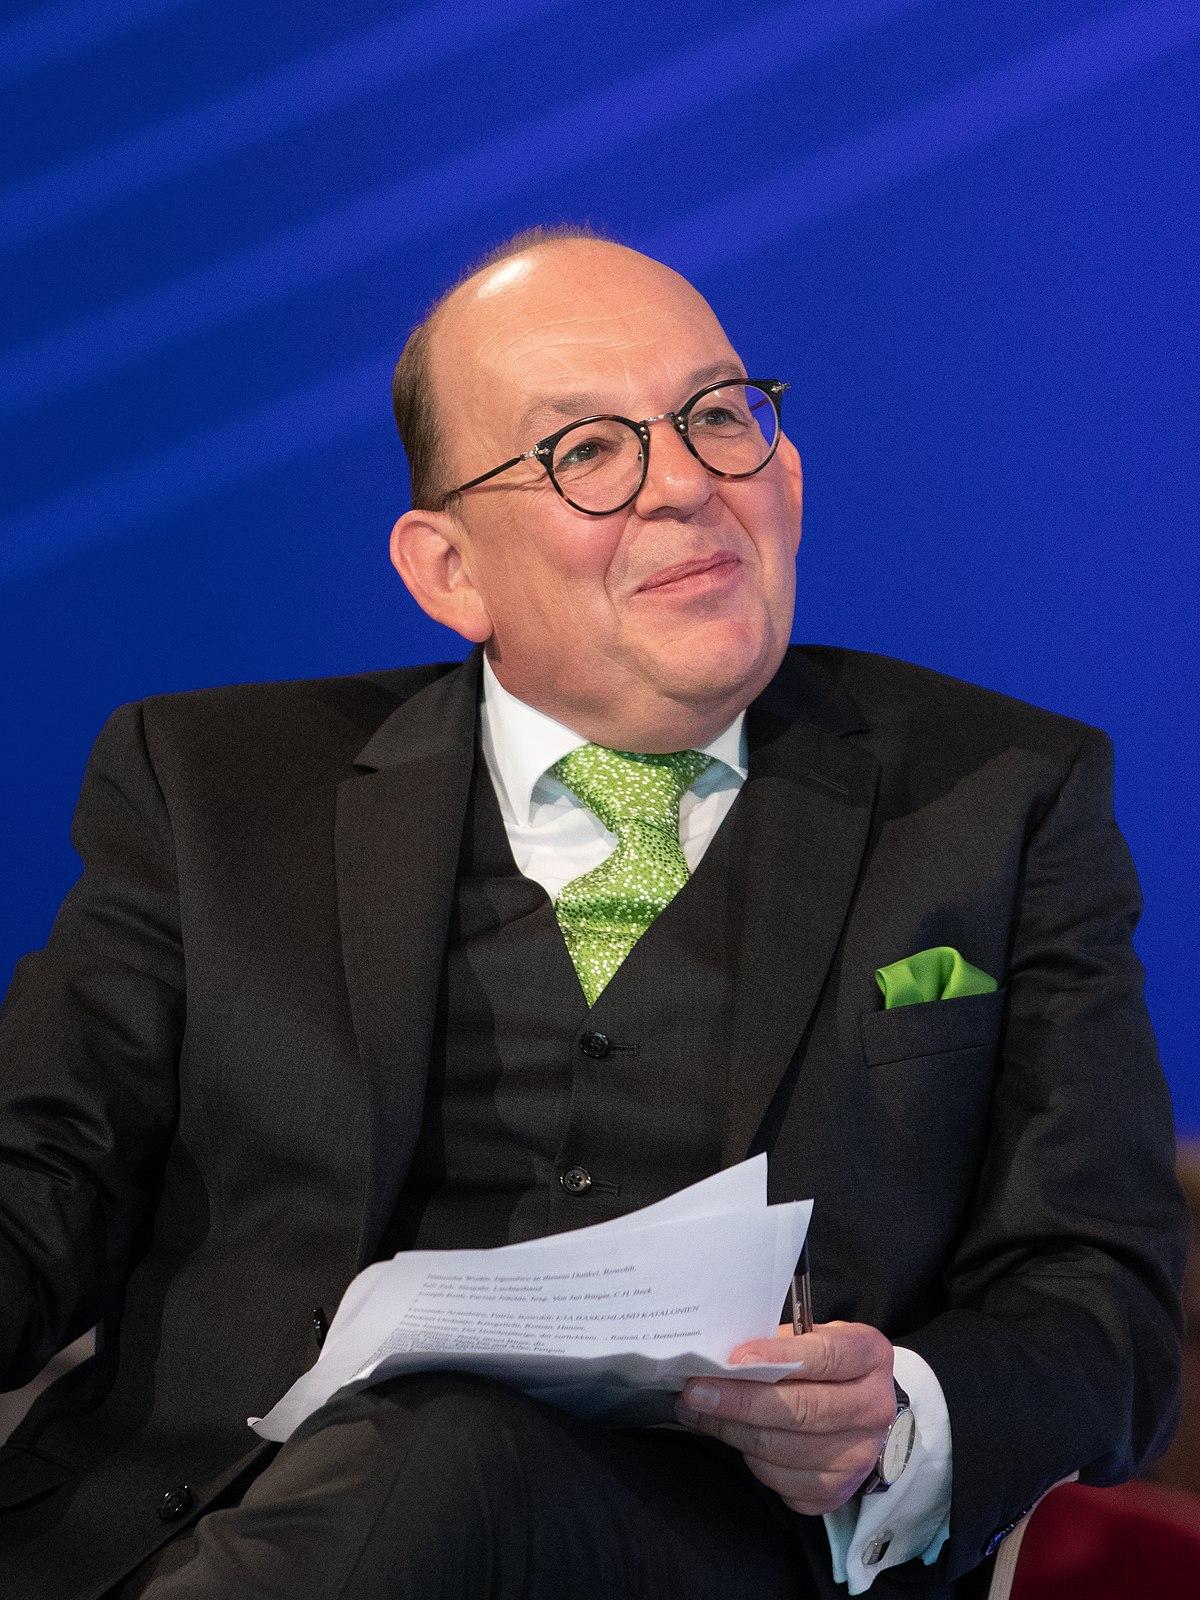 Denis Scheck Wikipedia